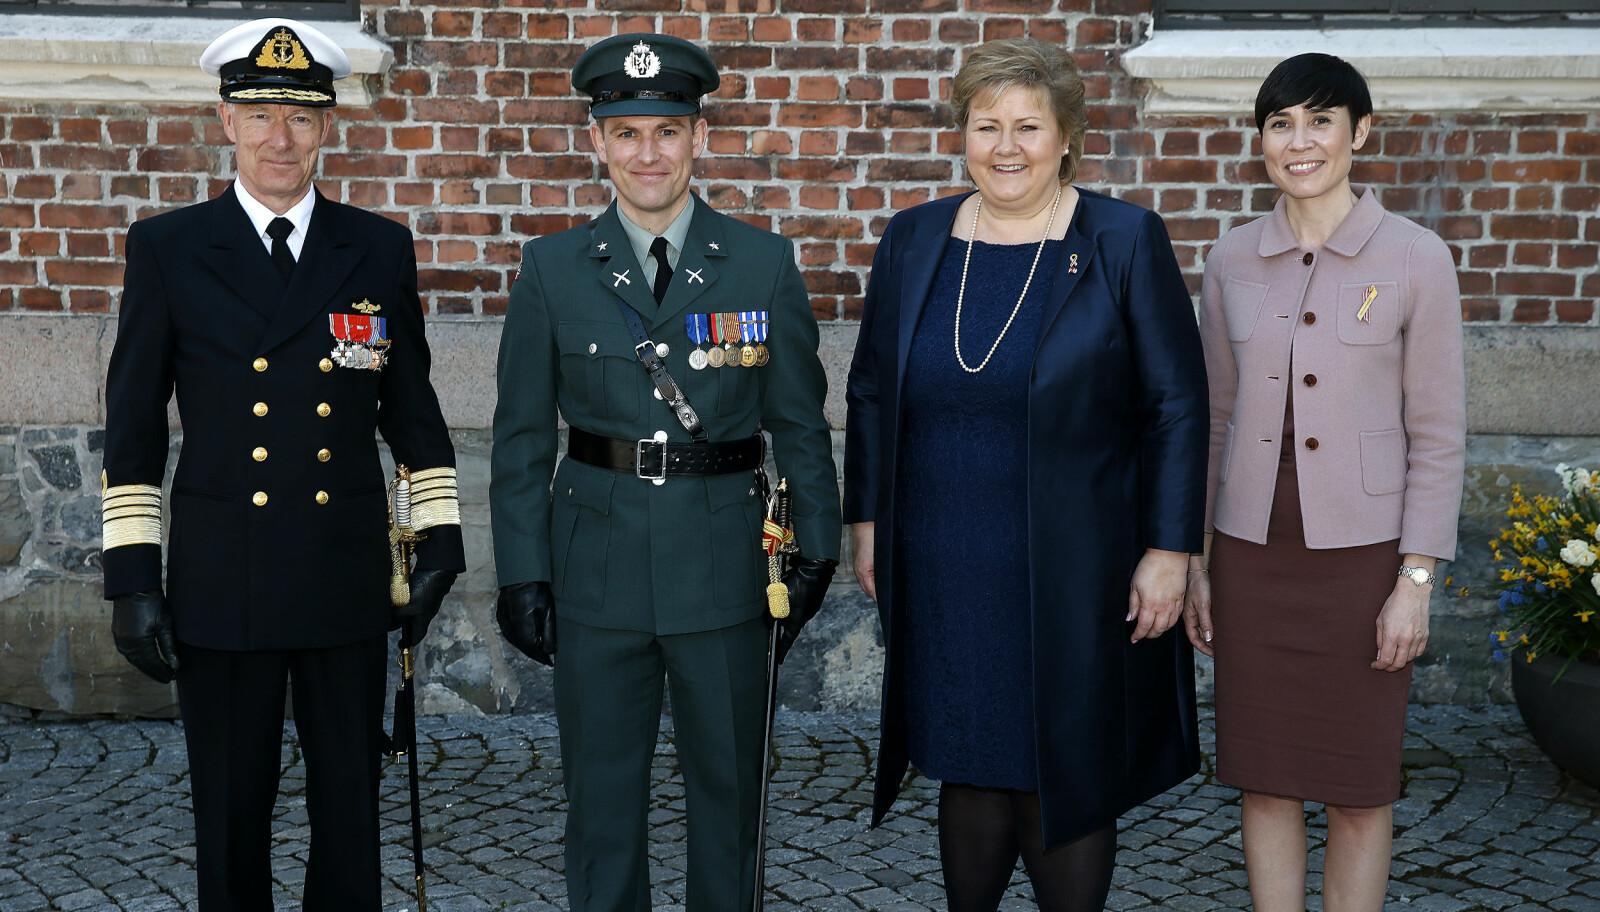 <b>GODT SELSKAP: </b>Her er jeg i godt selskap med forsvarssjef Haakon Bruun-Hanssen, meg, statsminister Erna Solberg og tidligere forsvarsminister Ine Søreide Eriksen. Bildet fra 8. mai 2016.